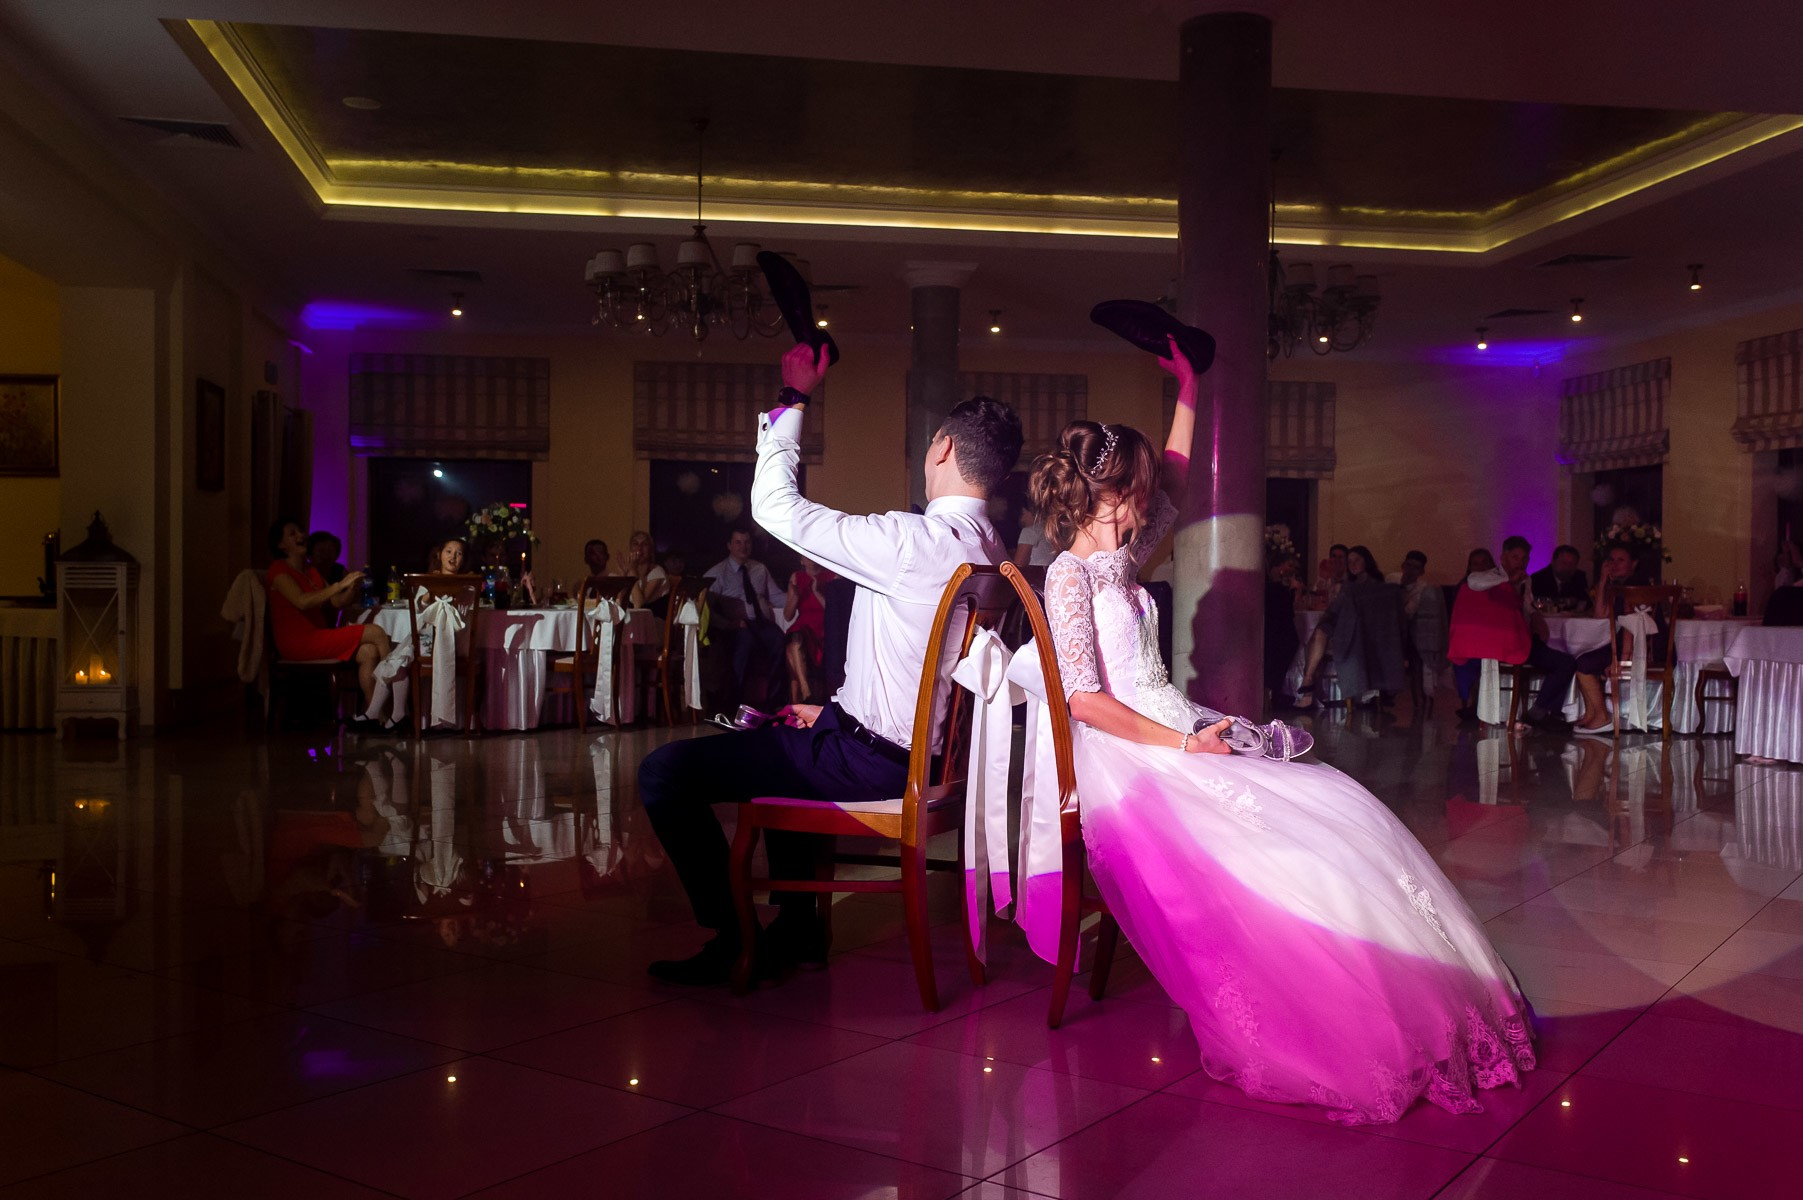 sala na skarpie fotograf slubny slask malopolska adam pietrusiak plener slubny w gorach jw wedding 171